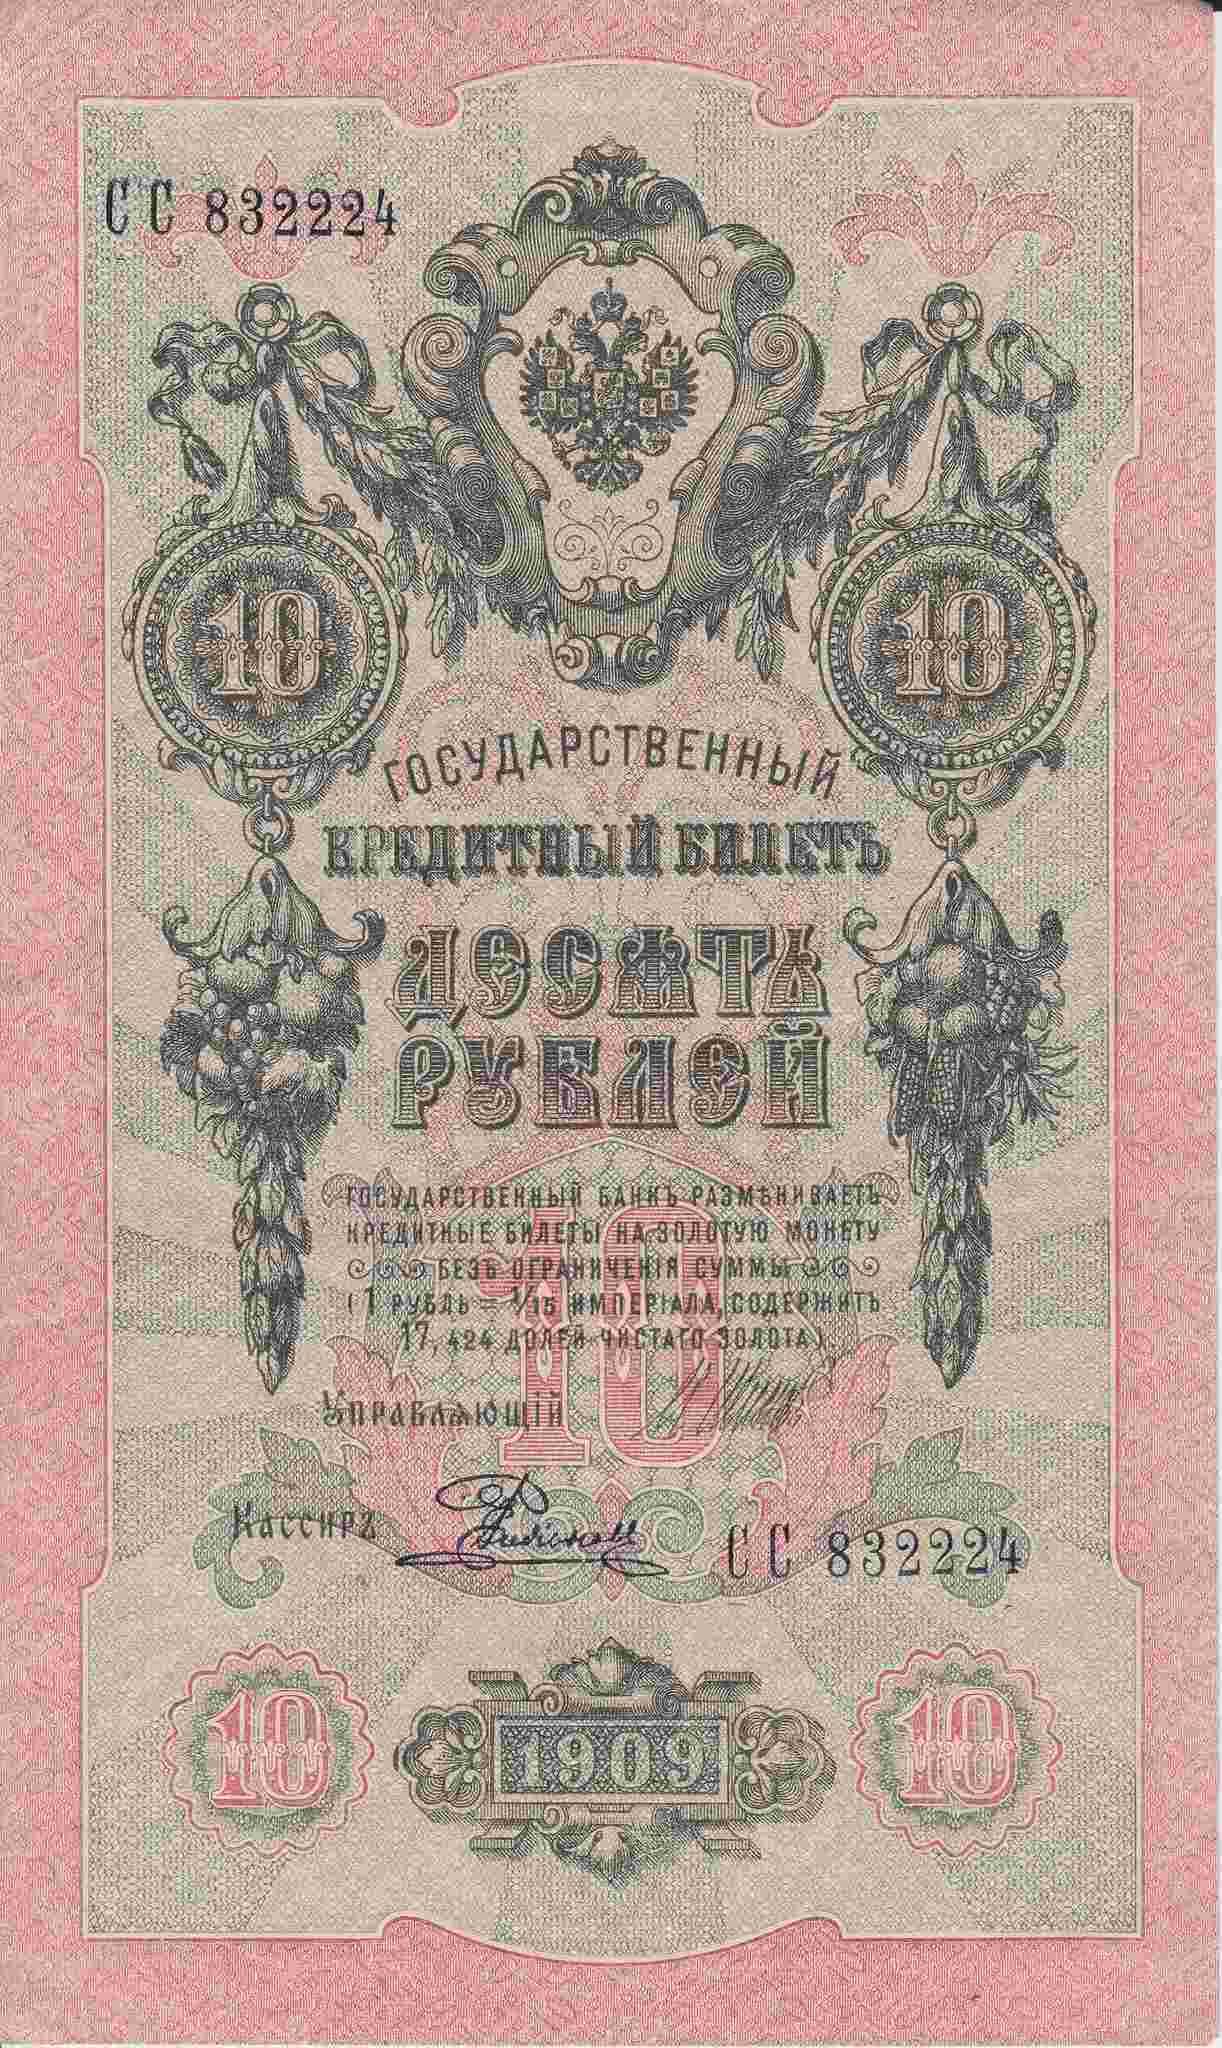 Банкнота Россия 1909 год 10 рублей Шипов/Родионов СС